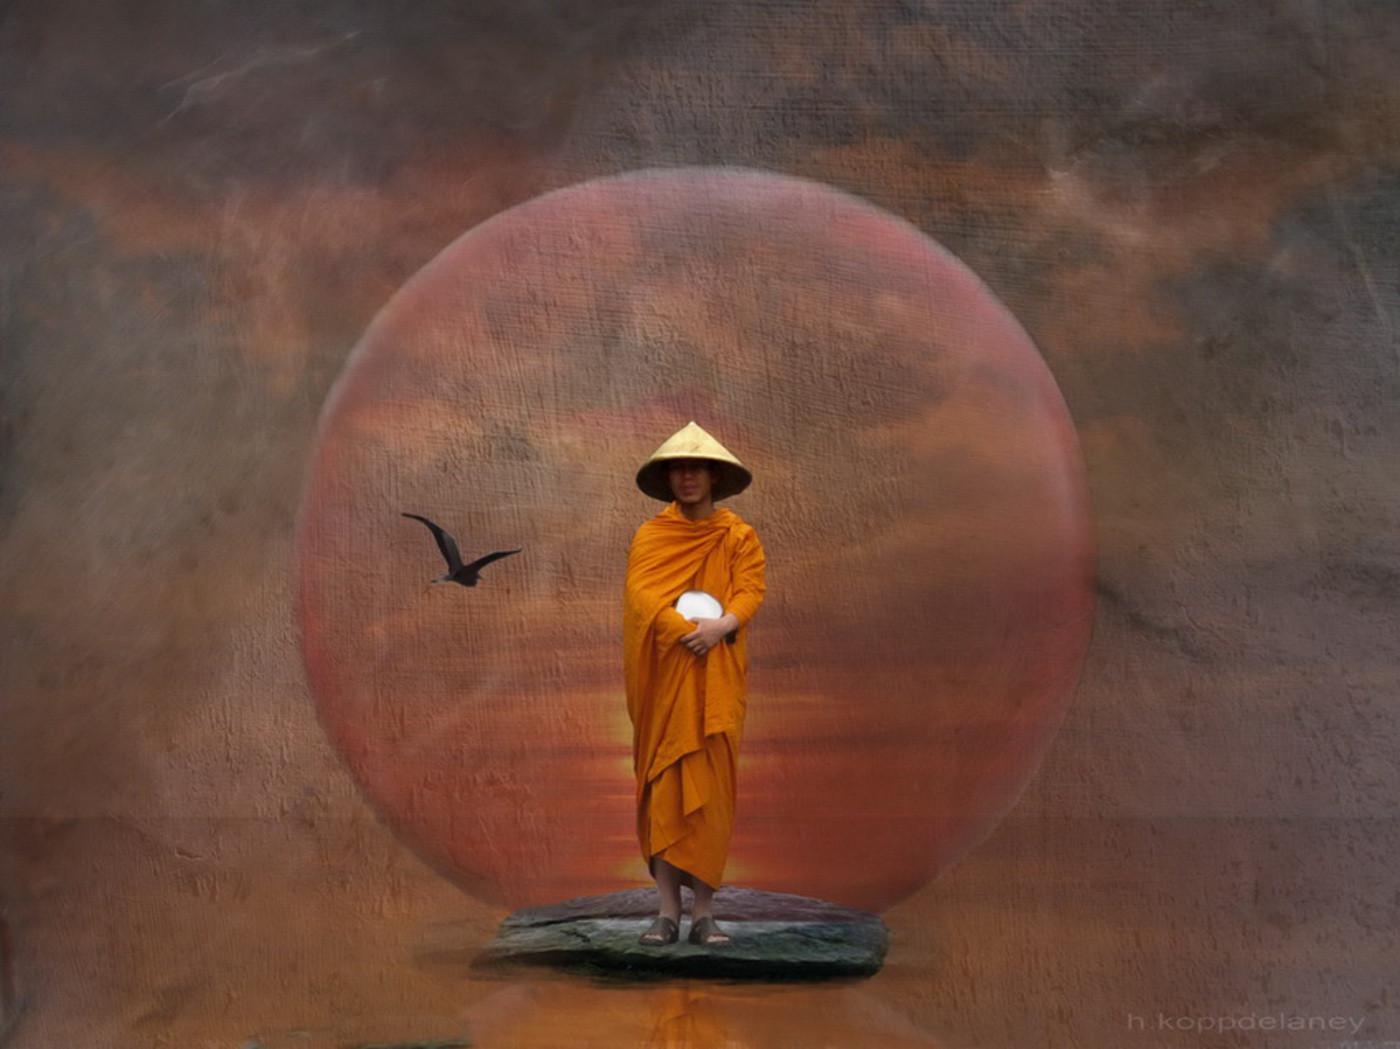 Zen iphone wallpaper tumblr - Zen Quotes Wallpaper Zen Wallpaper The Waiting Monk